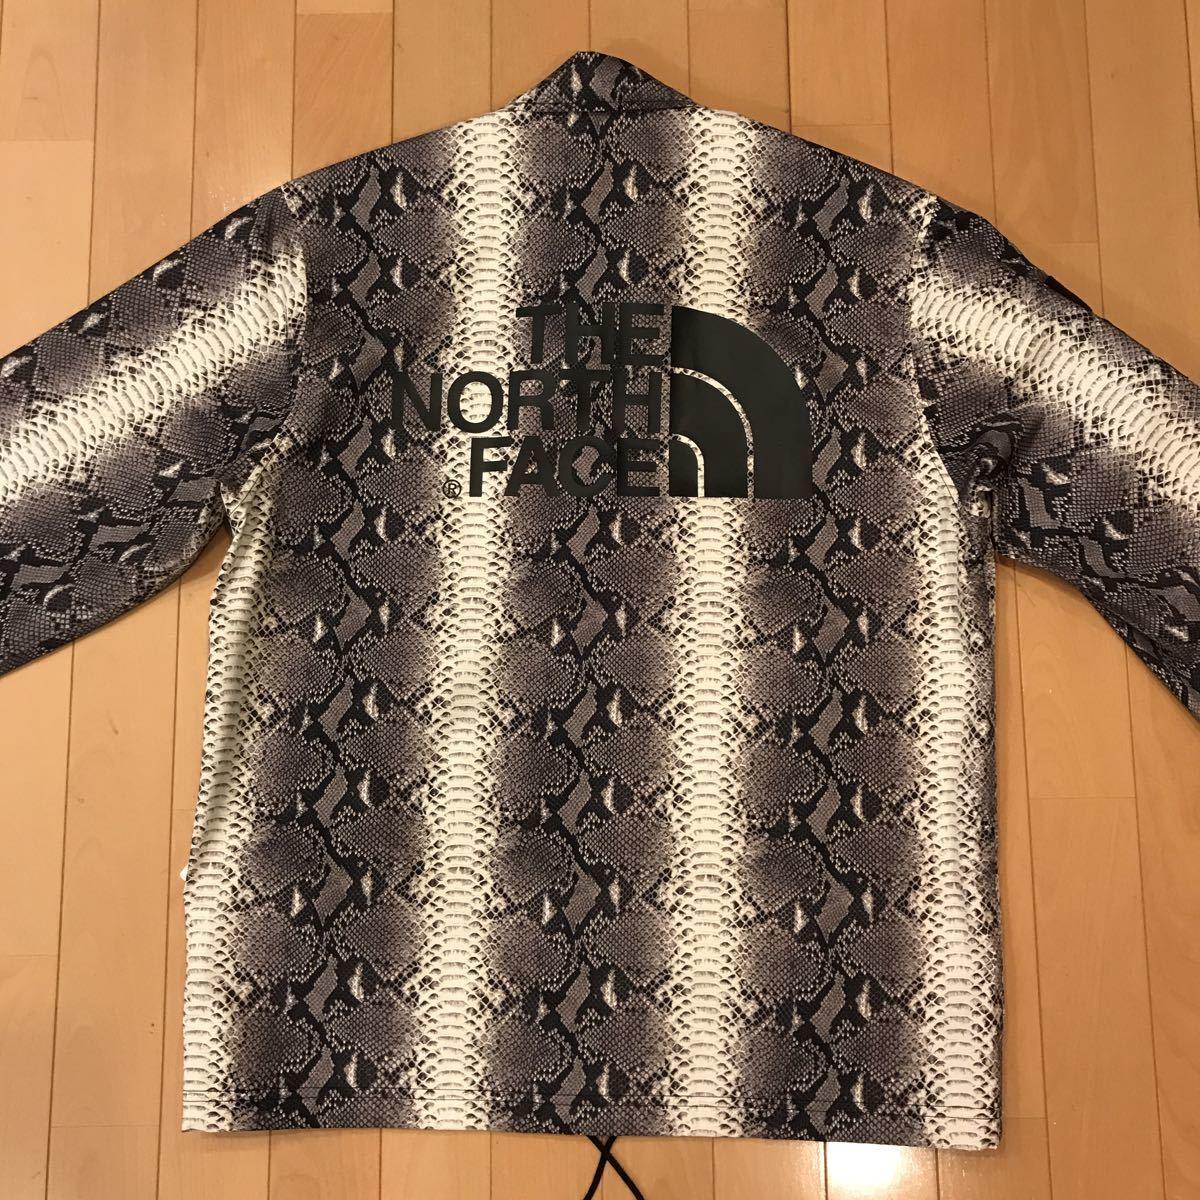 新品未使用Supreme×THE NORTH FACE Snakeskin Taped Seam Coaches Jacket M 黒 シュプリームノースフェイス パッカブルジャケット_画像7